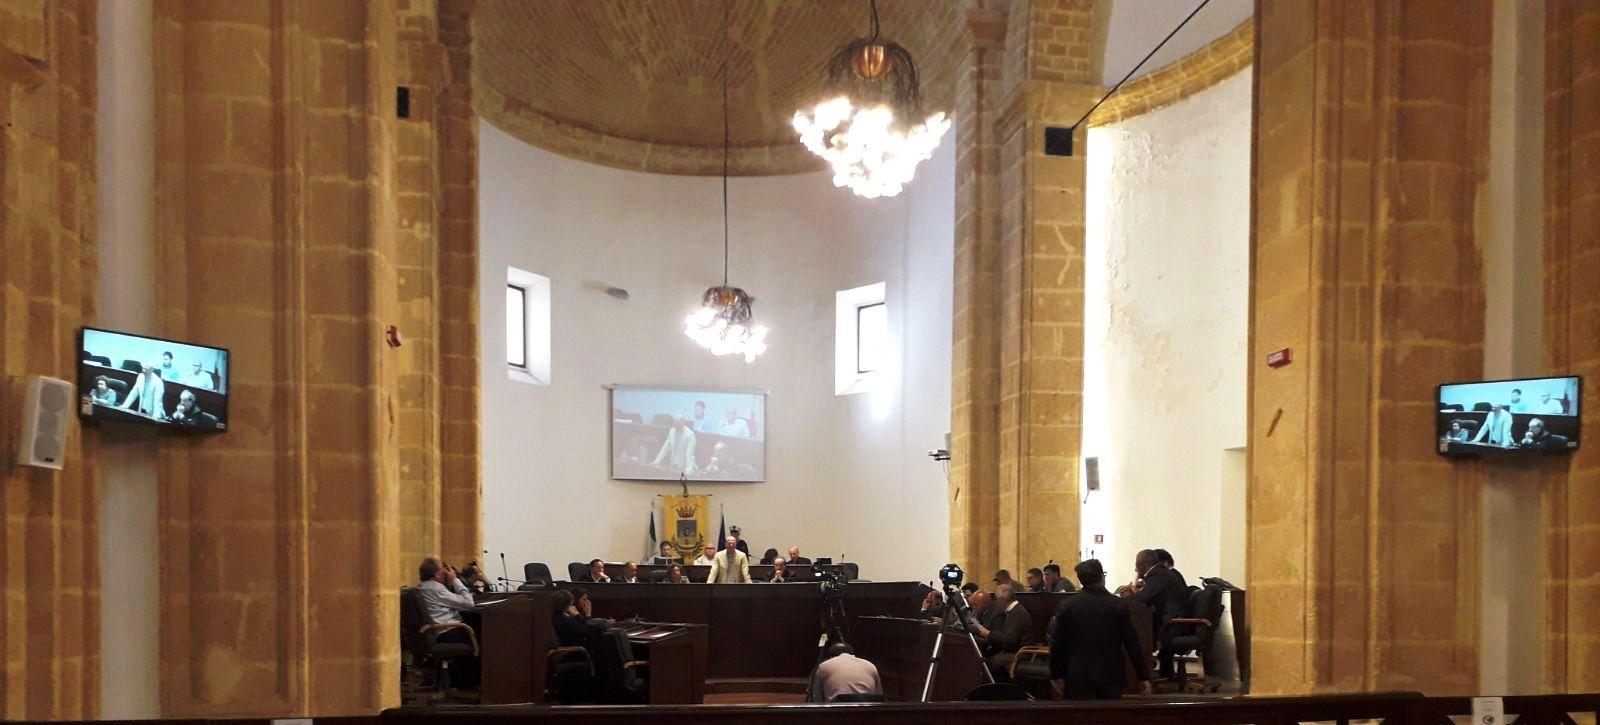 Mazara. Il 20 agosto la seduta di consiglio comunale dedicata al bilancio